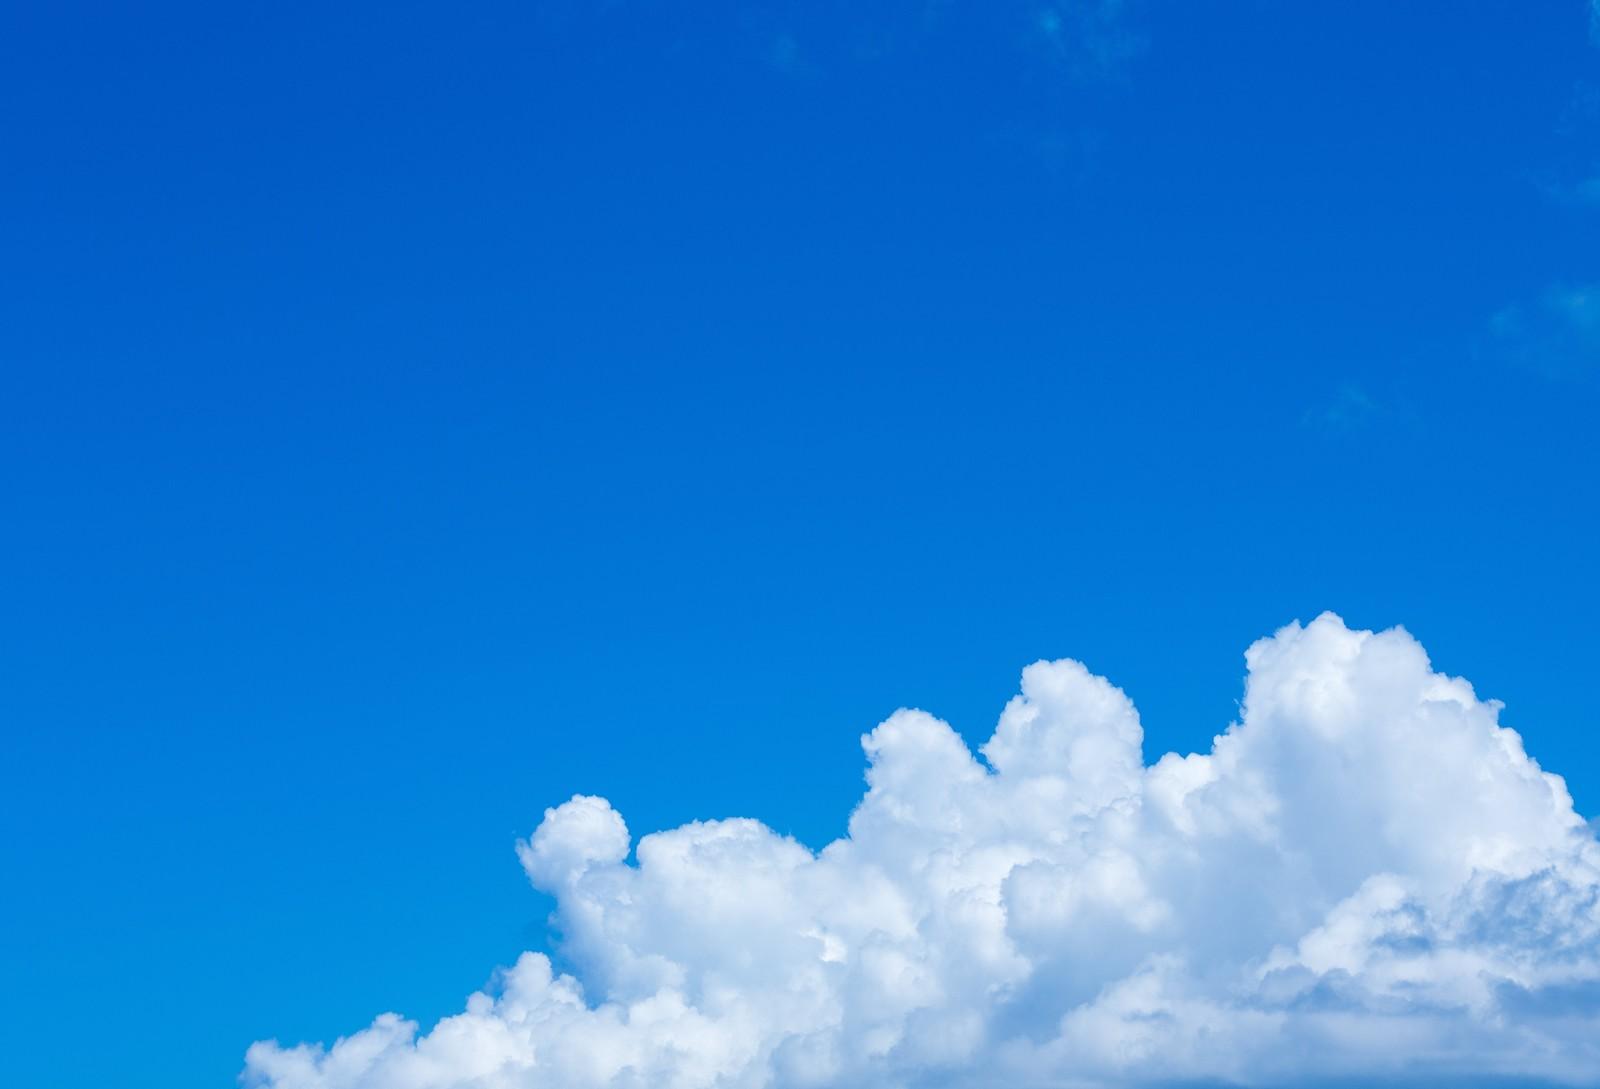 ココロが洗われるような真っ青な空